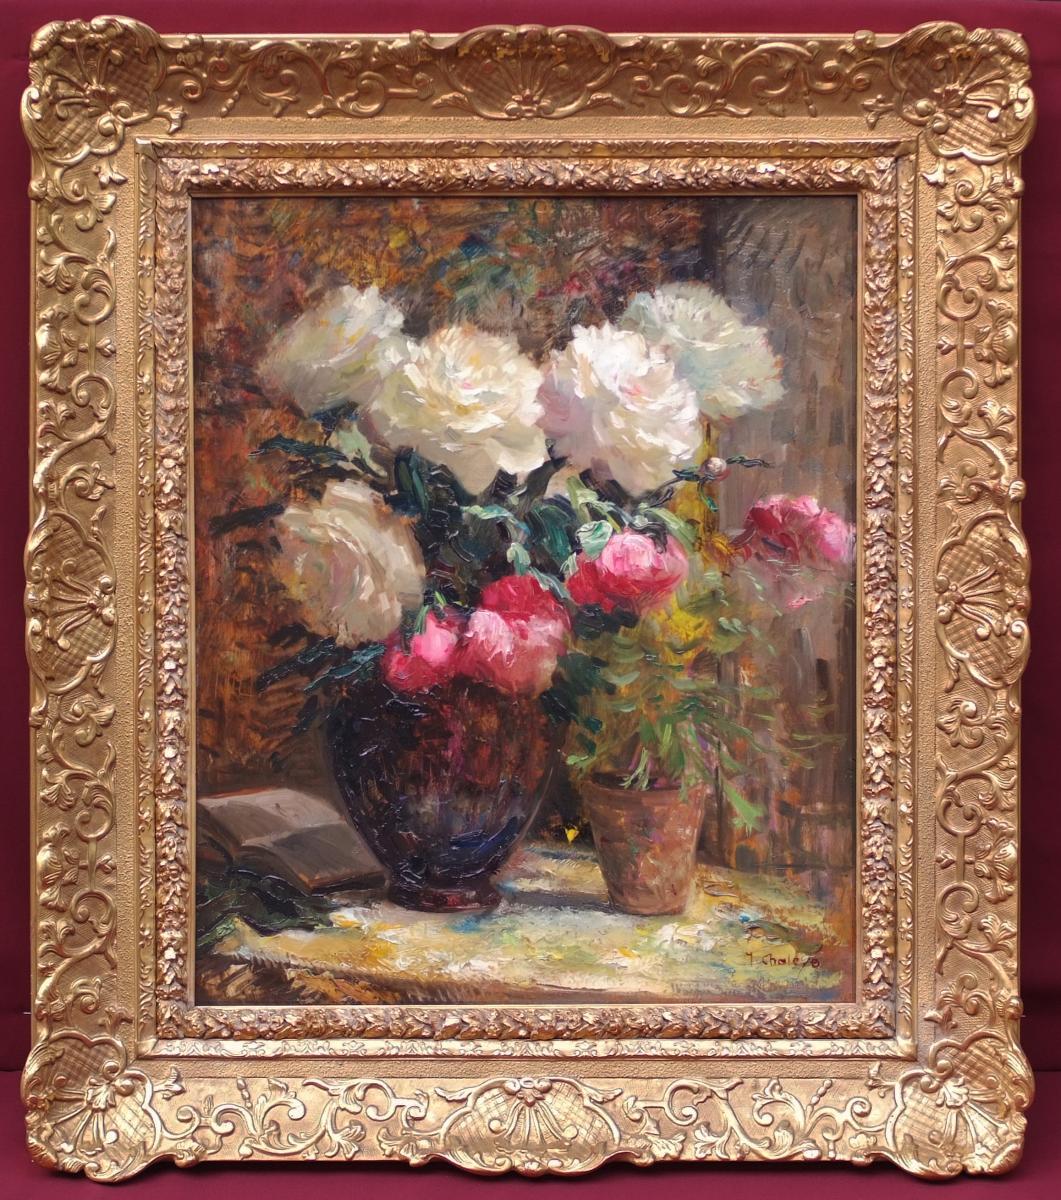 Chaleye Jean (1878-1960)